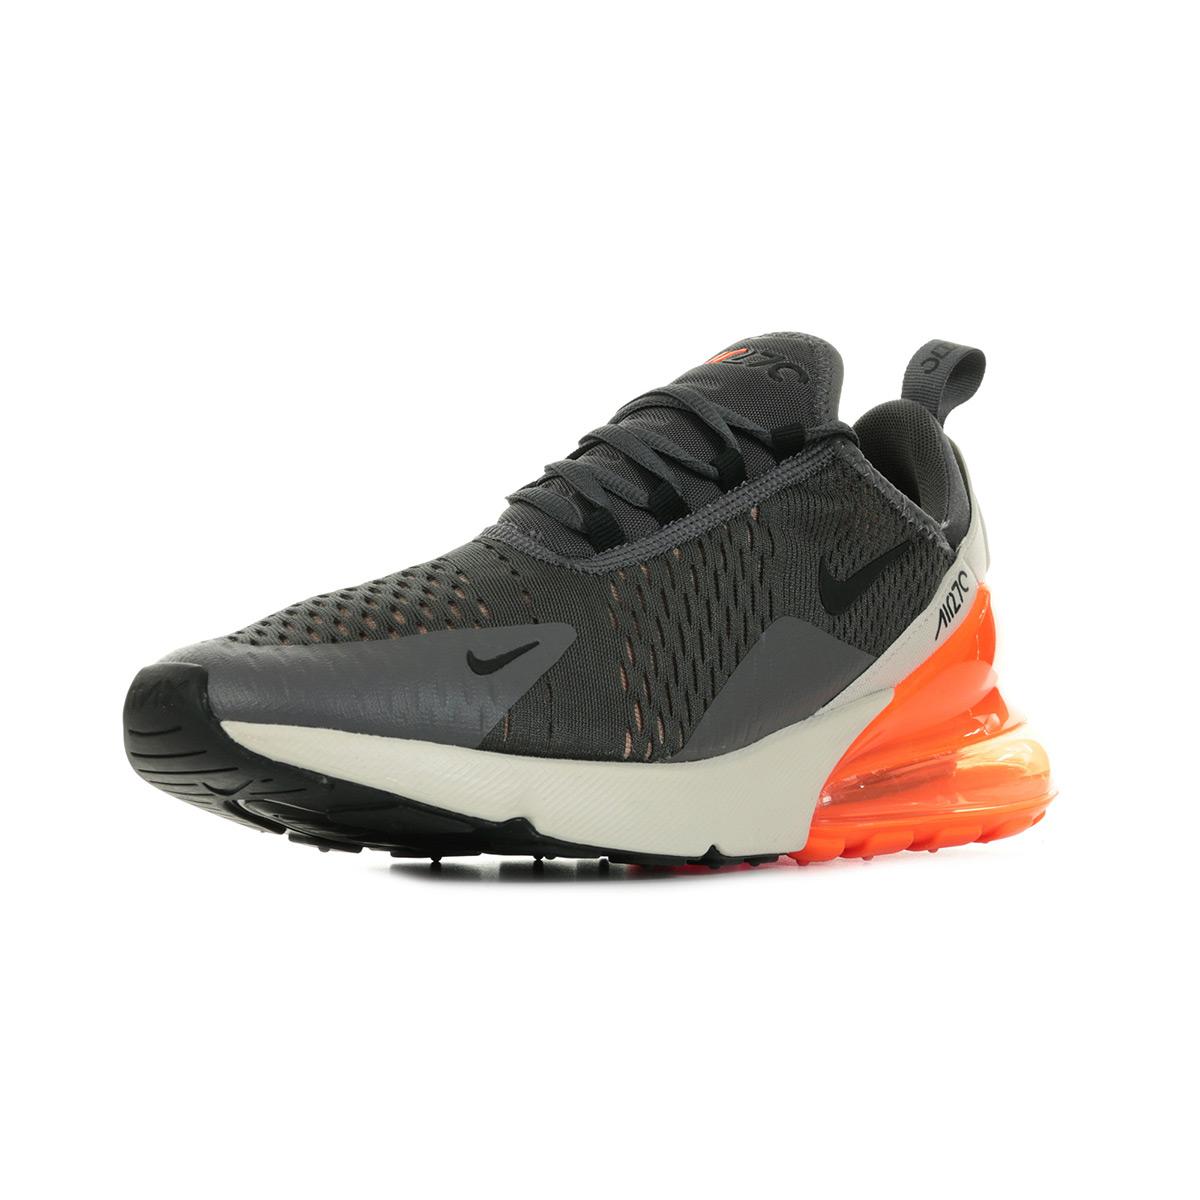 Détails sur Chaussures Baskets Nike homme Air Max 270 taille Gris Grise Textile Lacets